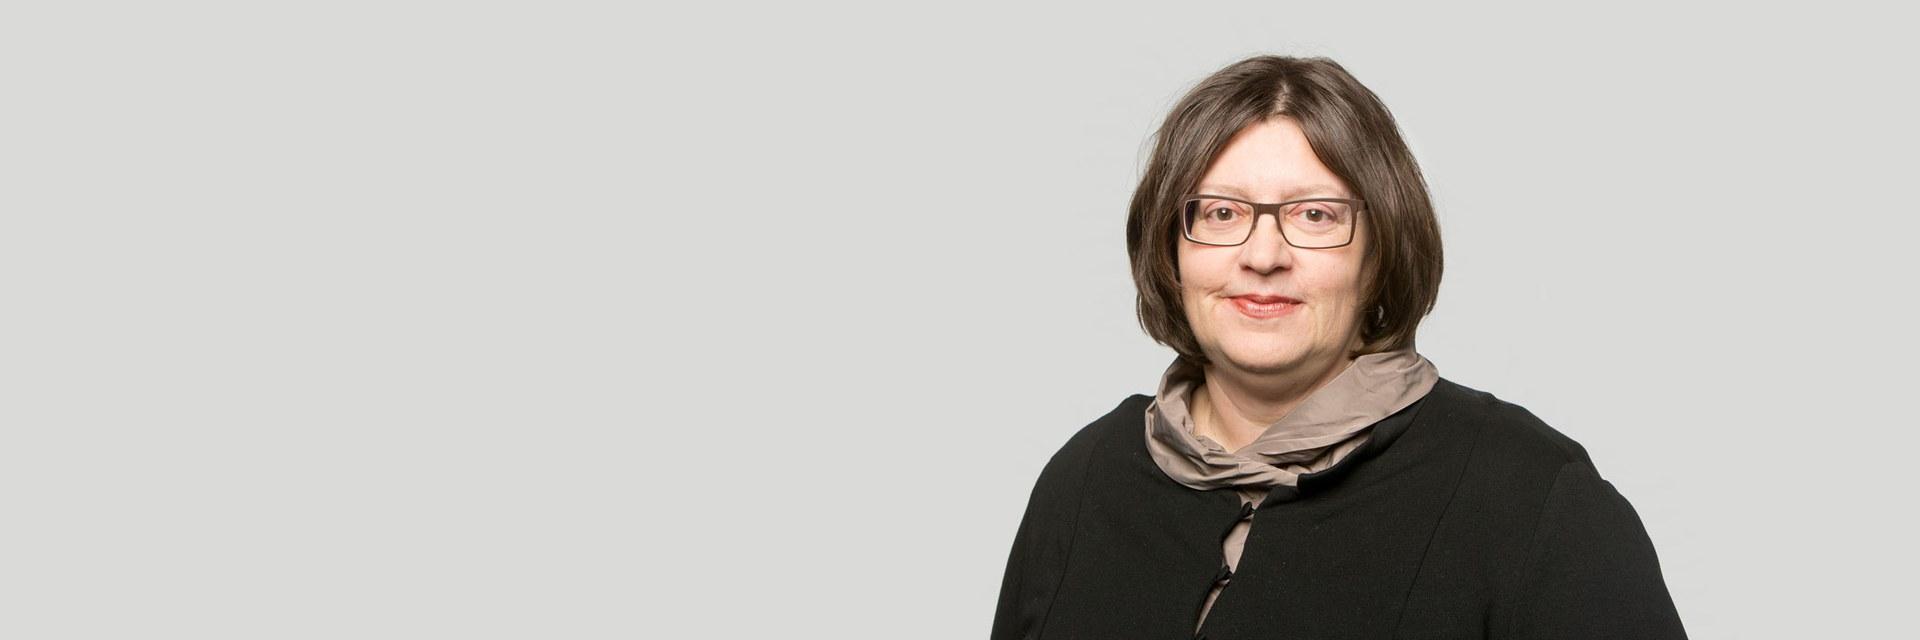 Caterina Savi